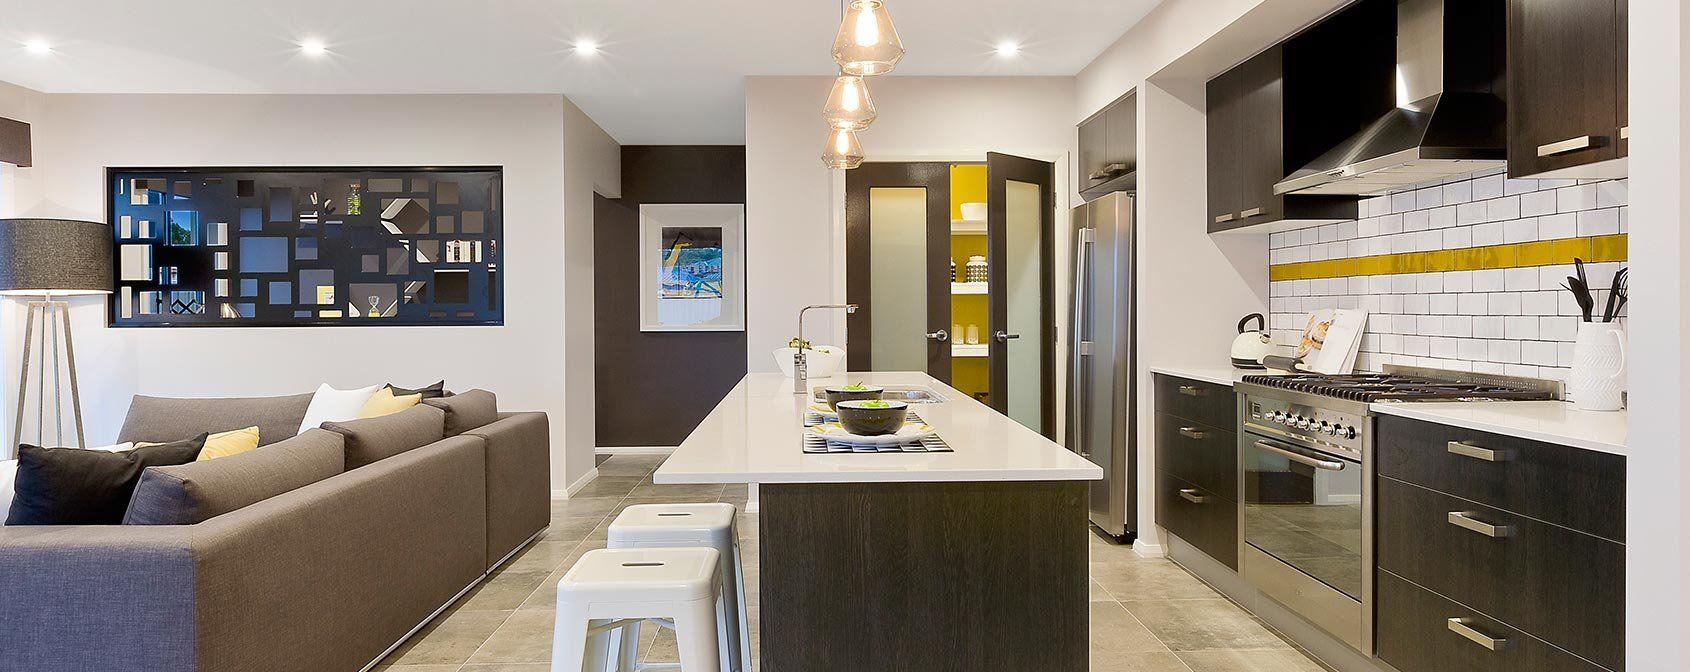 polytec MELAMINE Black Wenge Matt  Modern Kitchen Design  Pinterest  Home